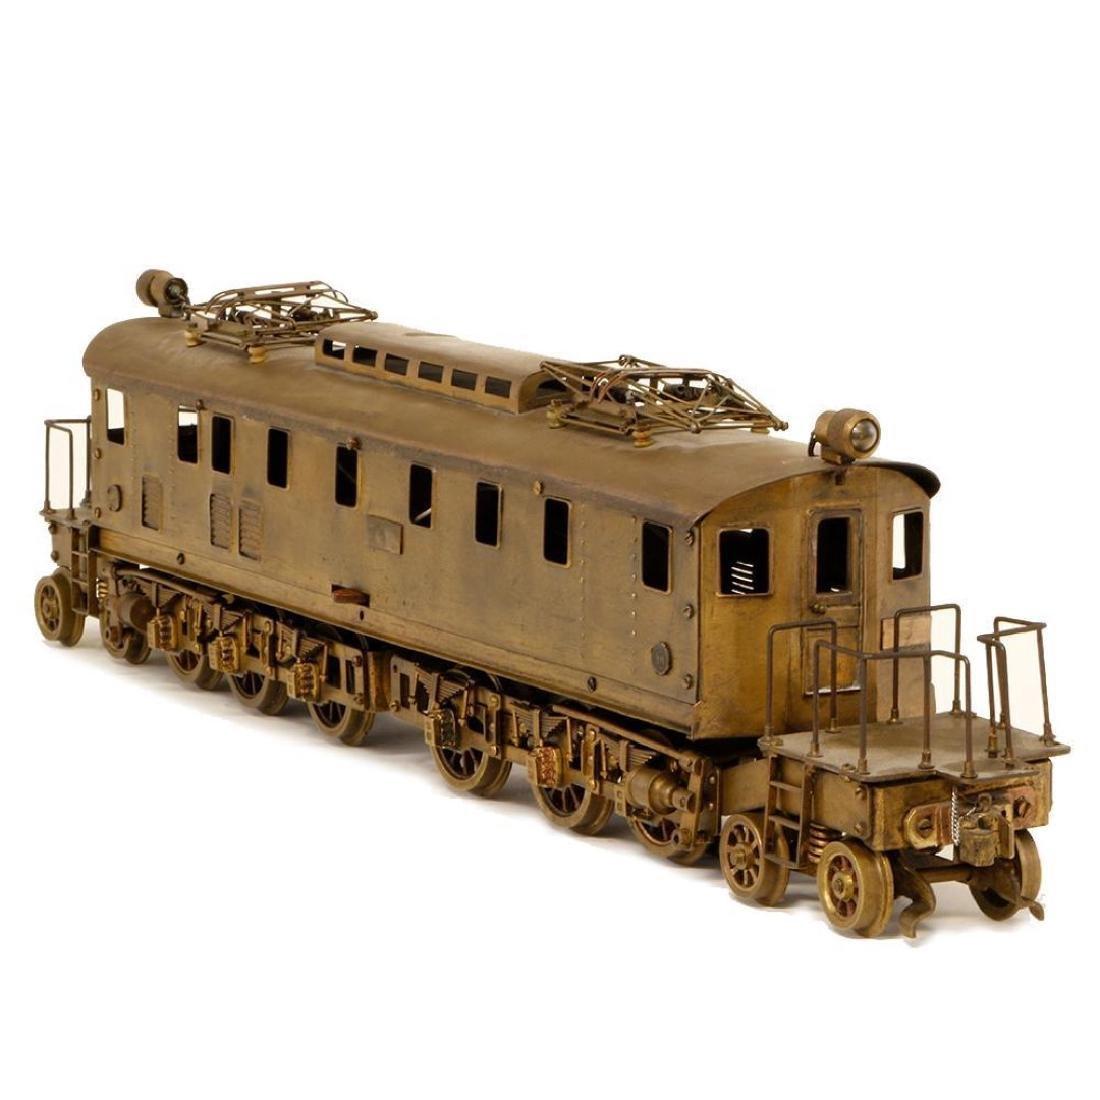 Prewar Brass 50mm Gauge Japanese Locomotive